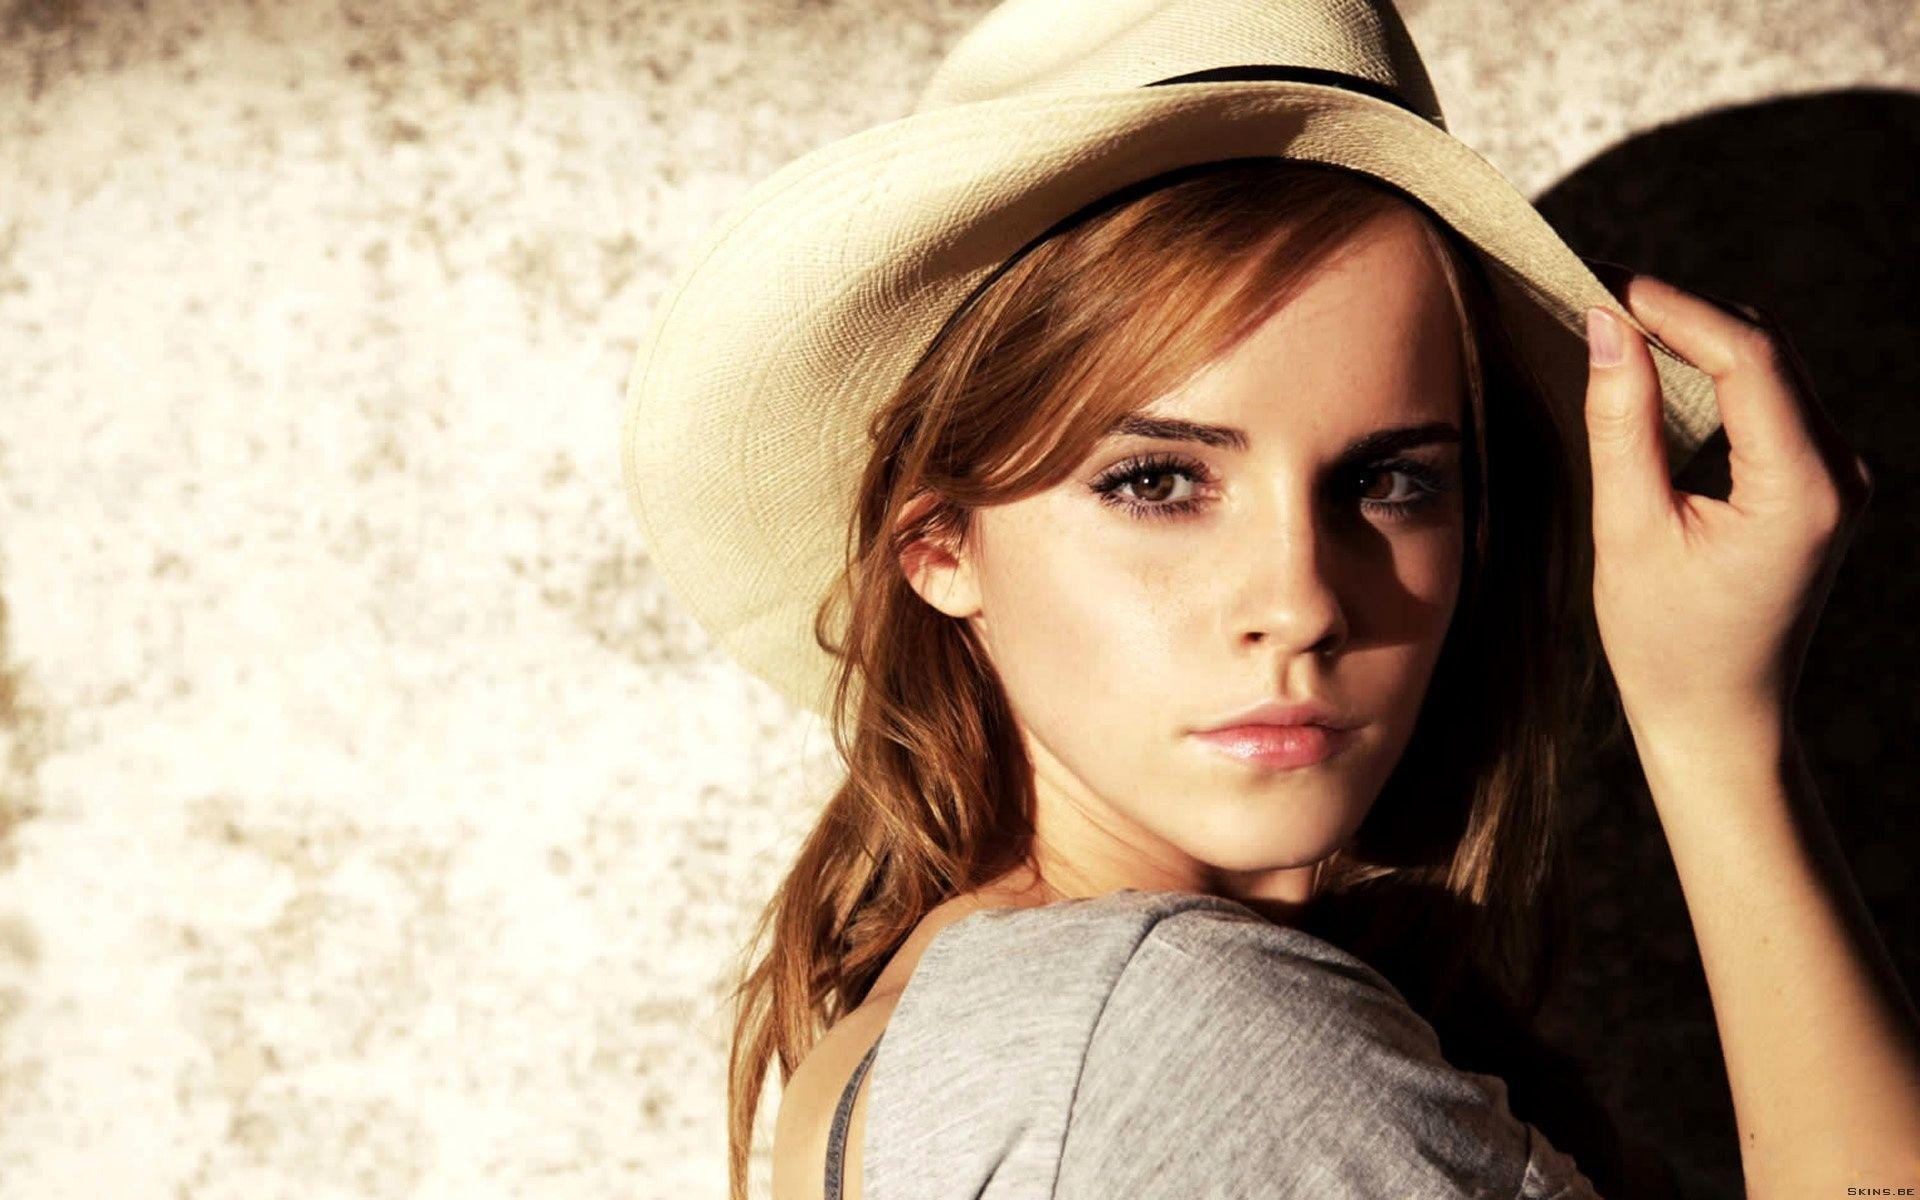 Emma Watson Wallpaper 63 Backgrounds | Wallruru.